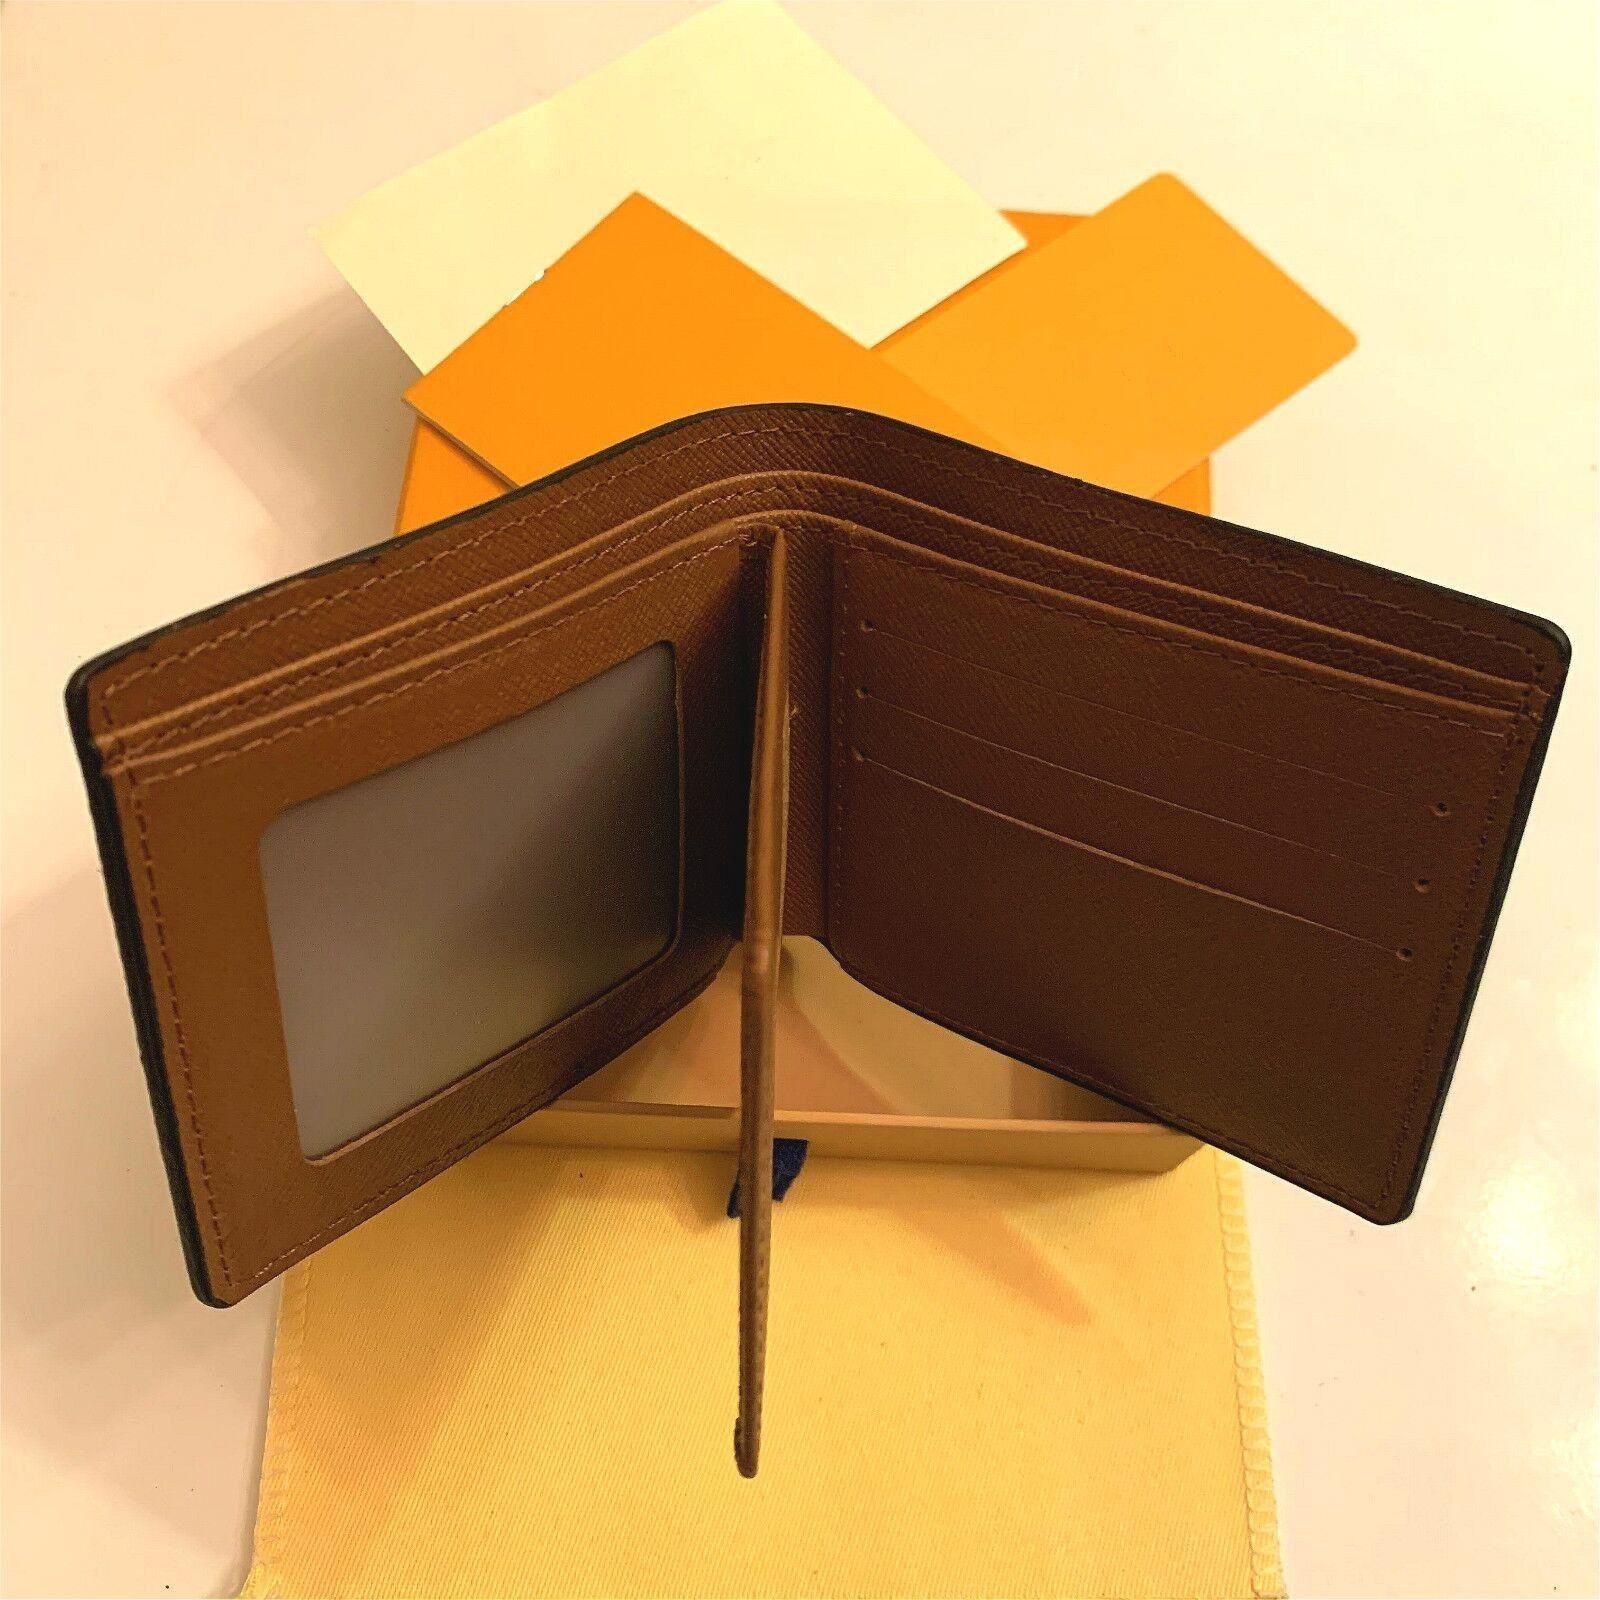 2021 جودة عالية l billfold محفظة باريس منقوشة نمط المصممين رجل محفظة المرأة محفظة الراقية s الفاخرة محافظ حقيبة مع صندوق حقيبة الغبار